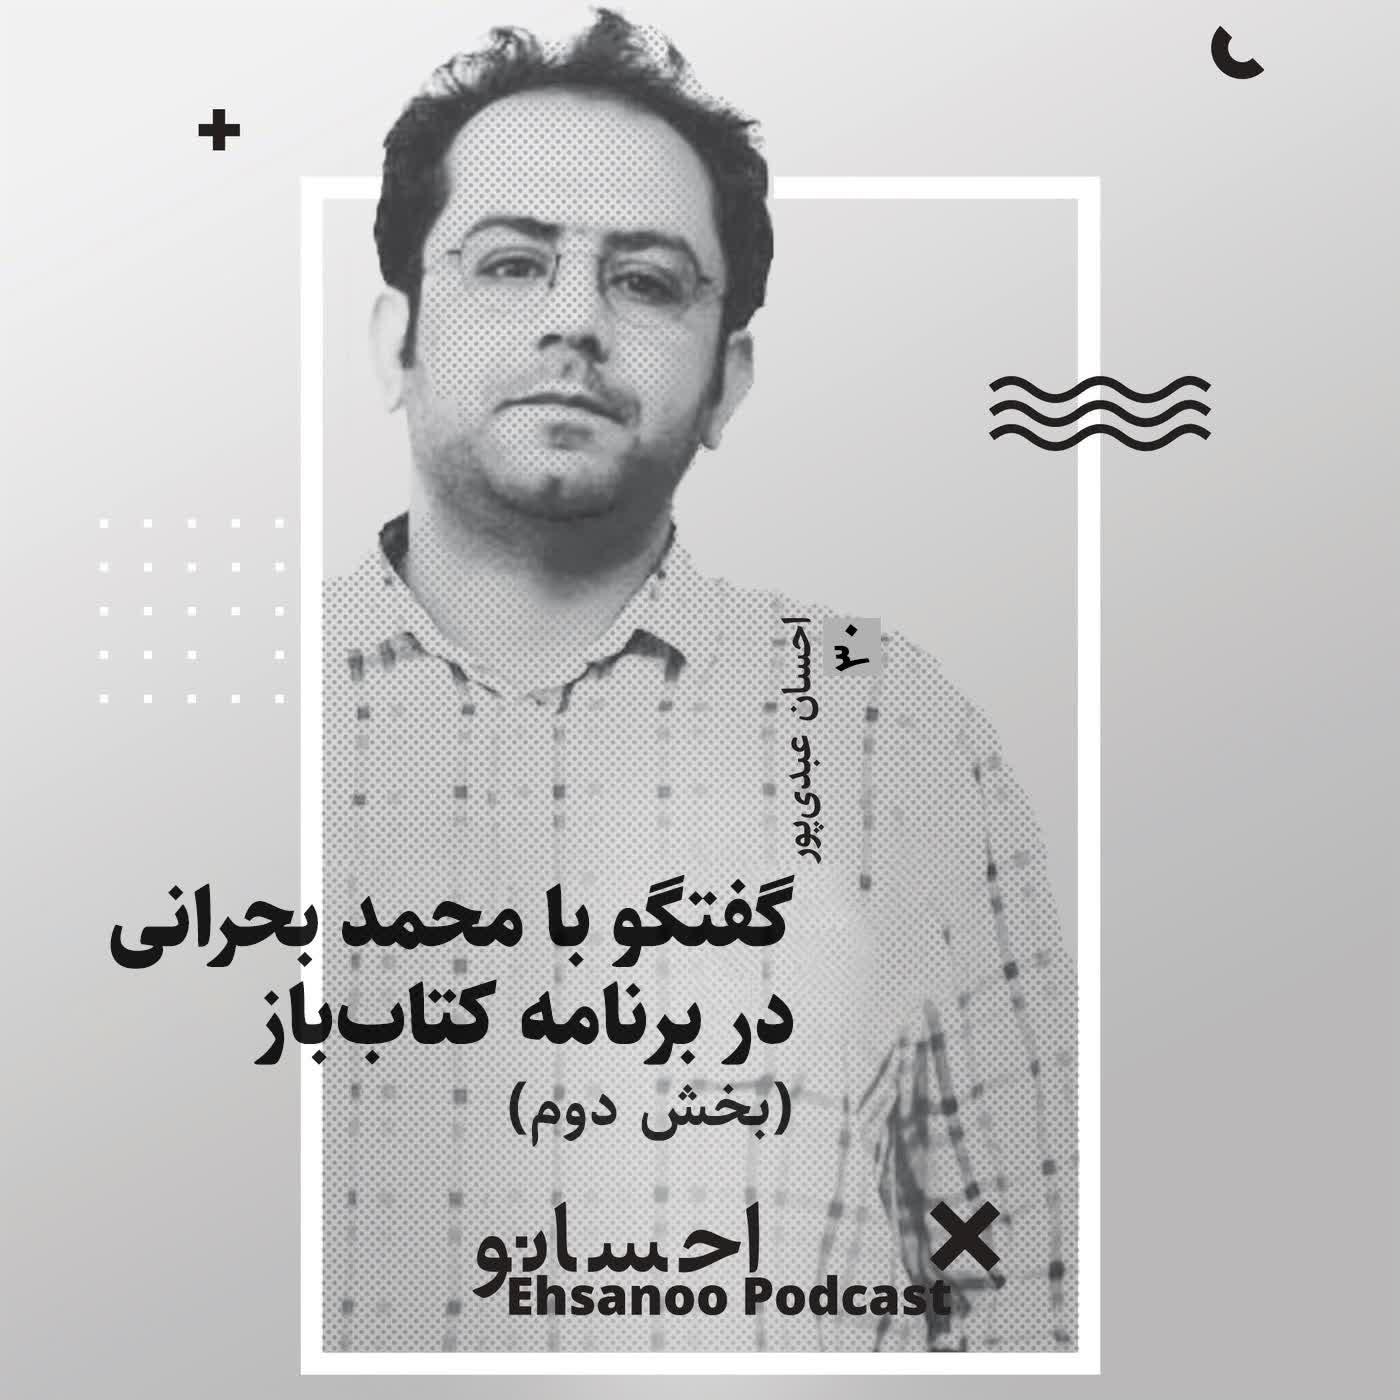 بخش دوم گفتگو با محمد بحرانی در برنامه کتابباز